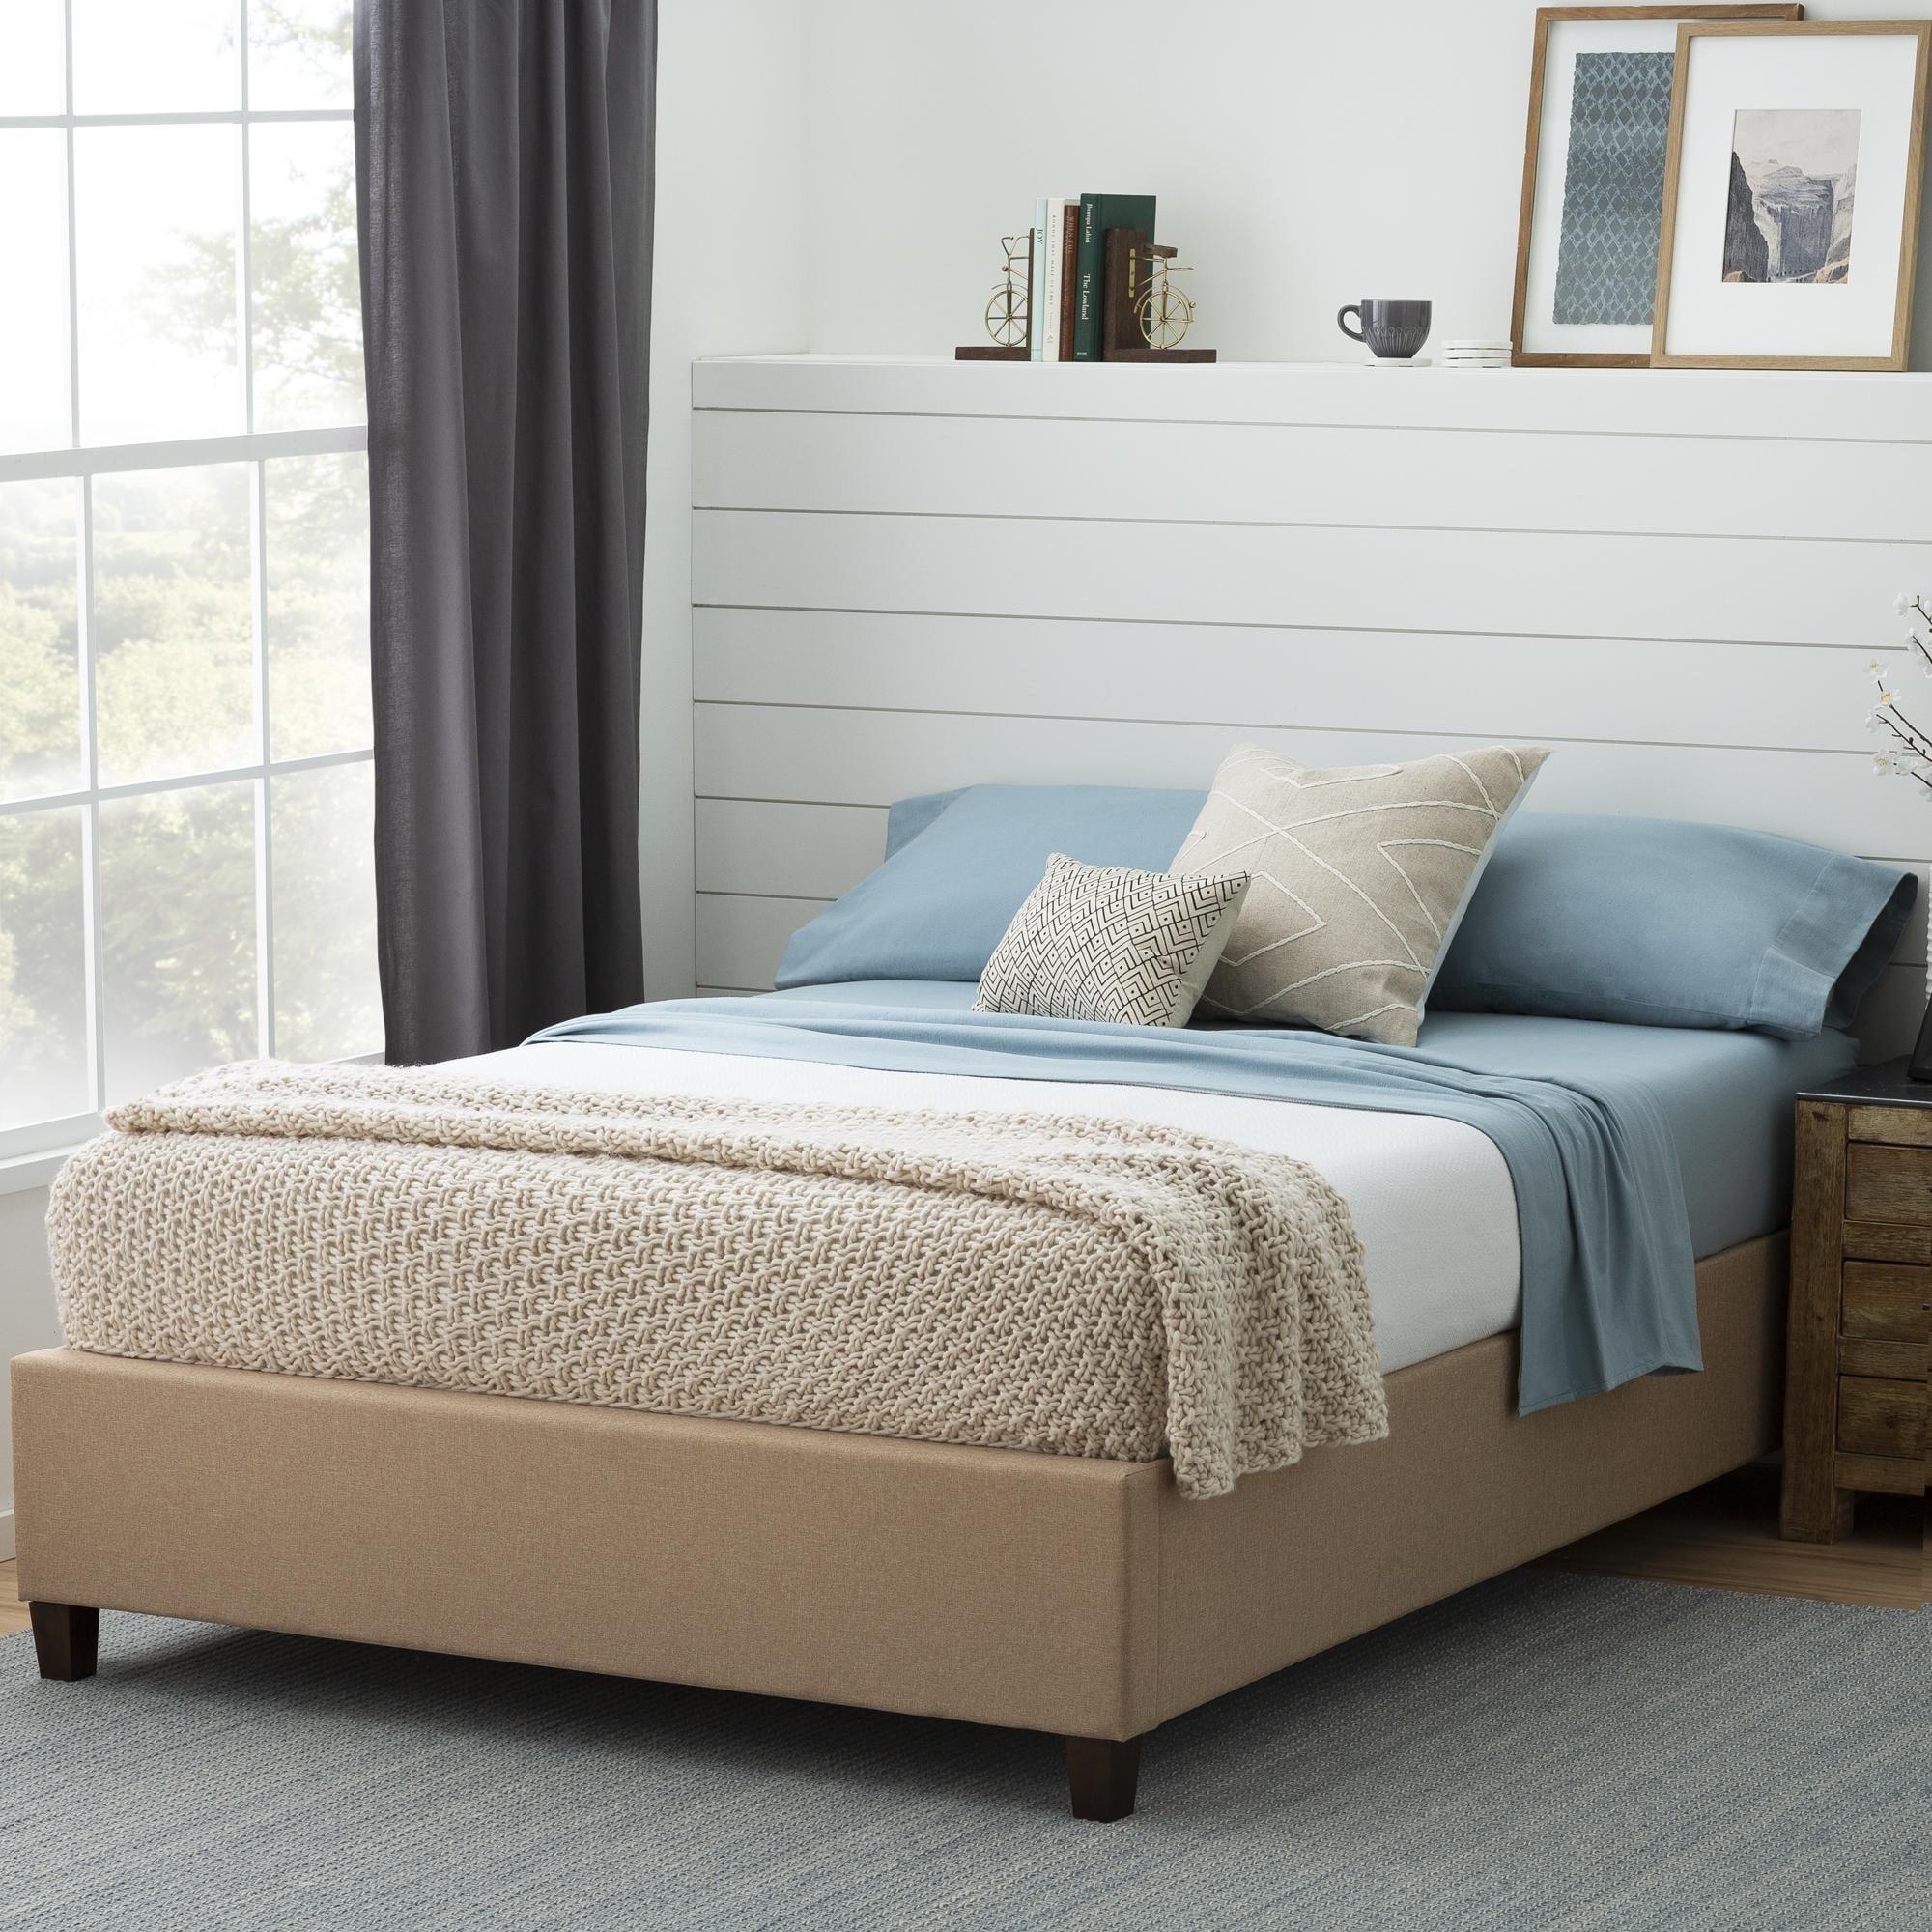 Brookside Ava Upholstered Platform Bed With Slats On Sale Overstock 29879635